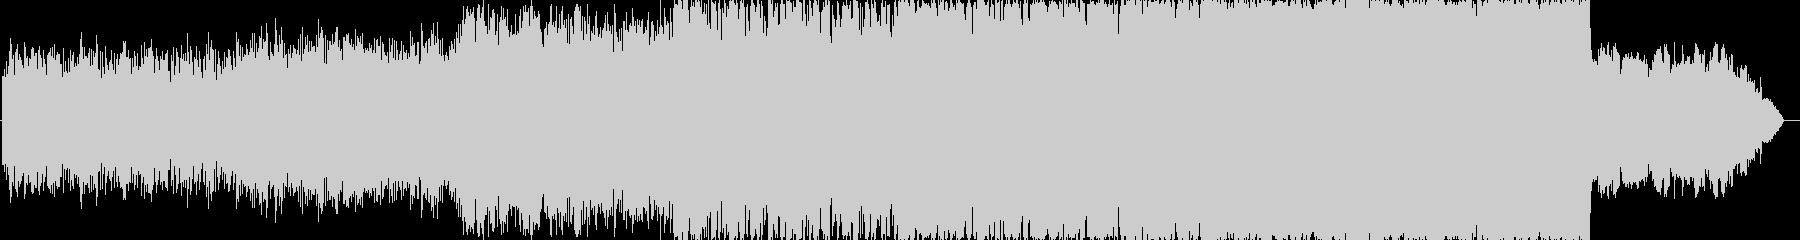 暗め ポップス オーケストラ風の未再生の波形